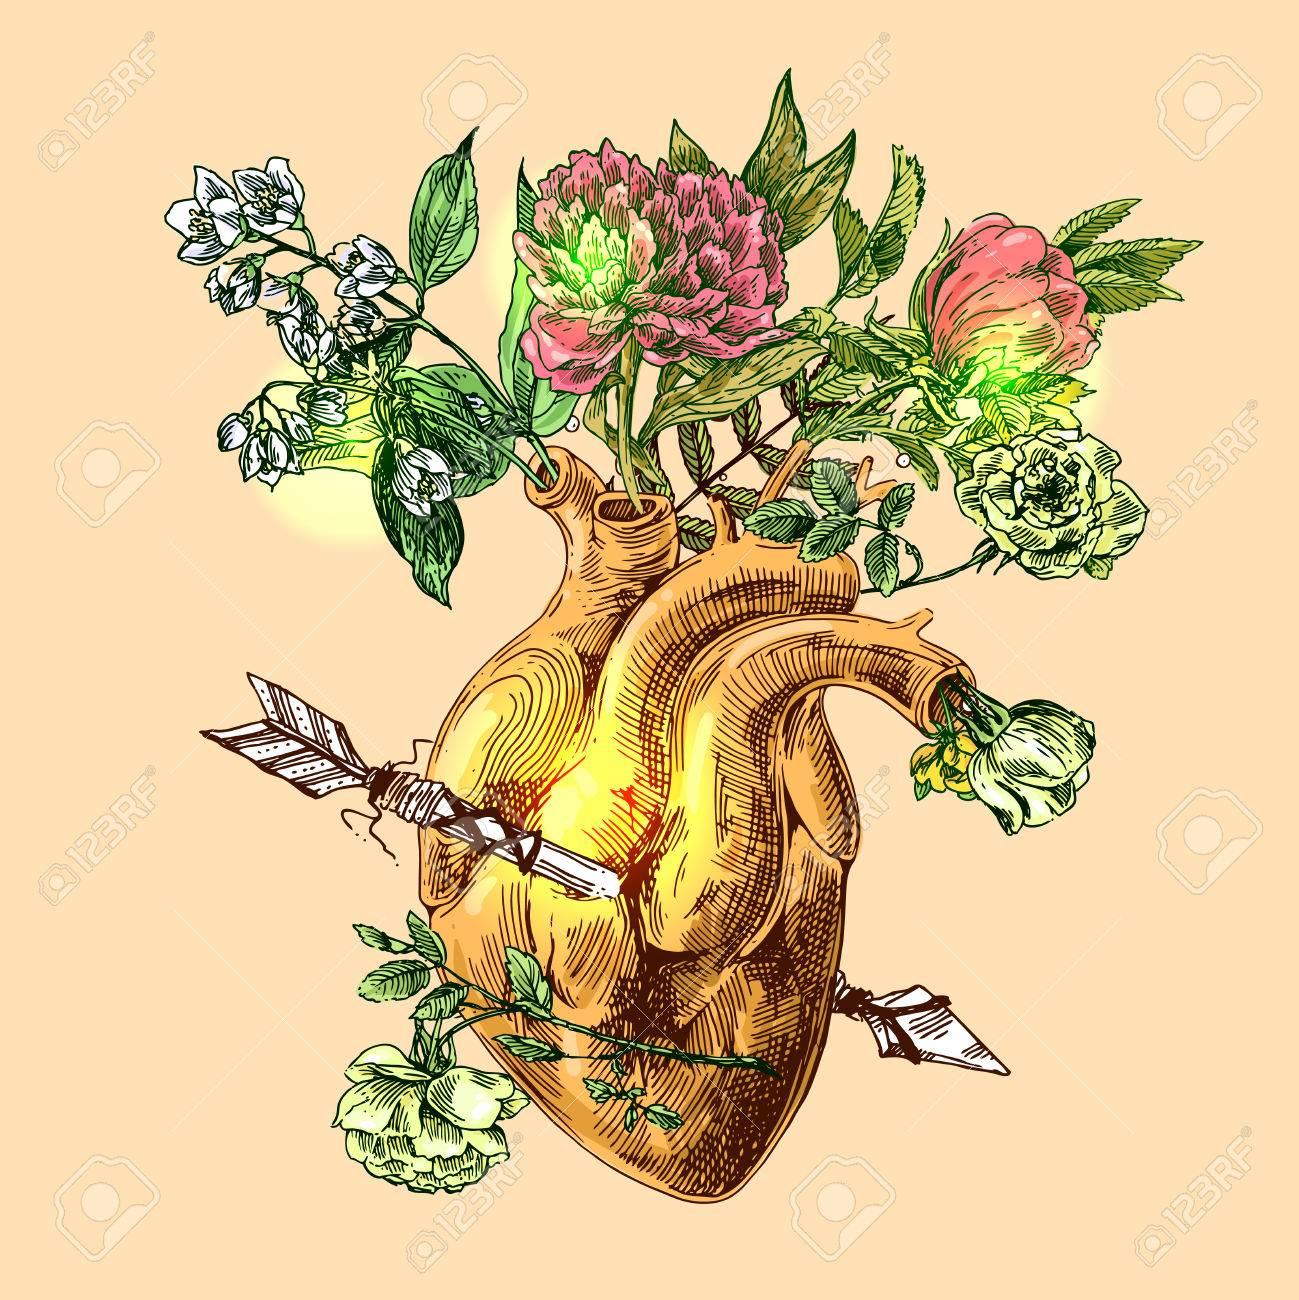 Illustration Avec Croquis De Coeur Humain Et De Fleurs Fond De Vecteur Dessiné Main Dessin De Style Boho Nous Pour Imprimer Pour Le Web De